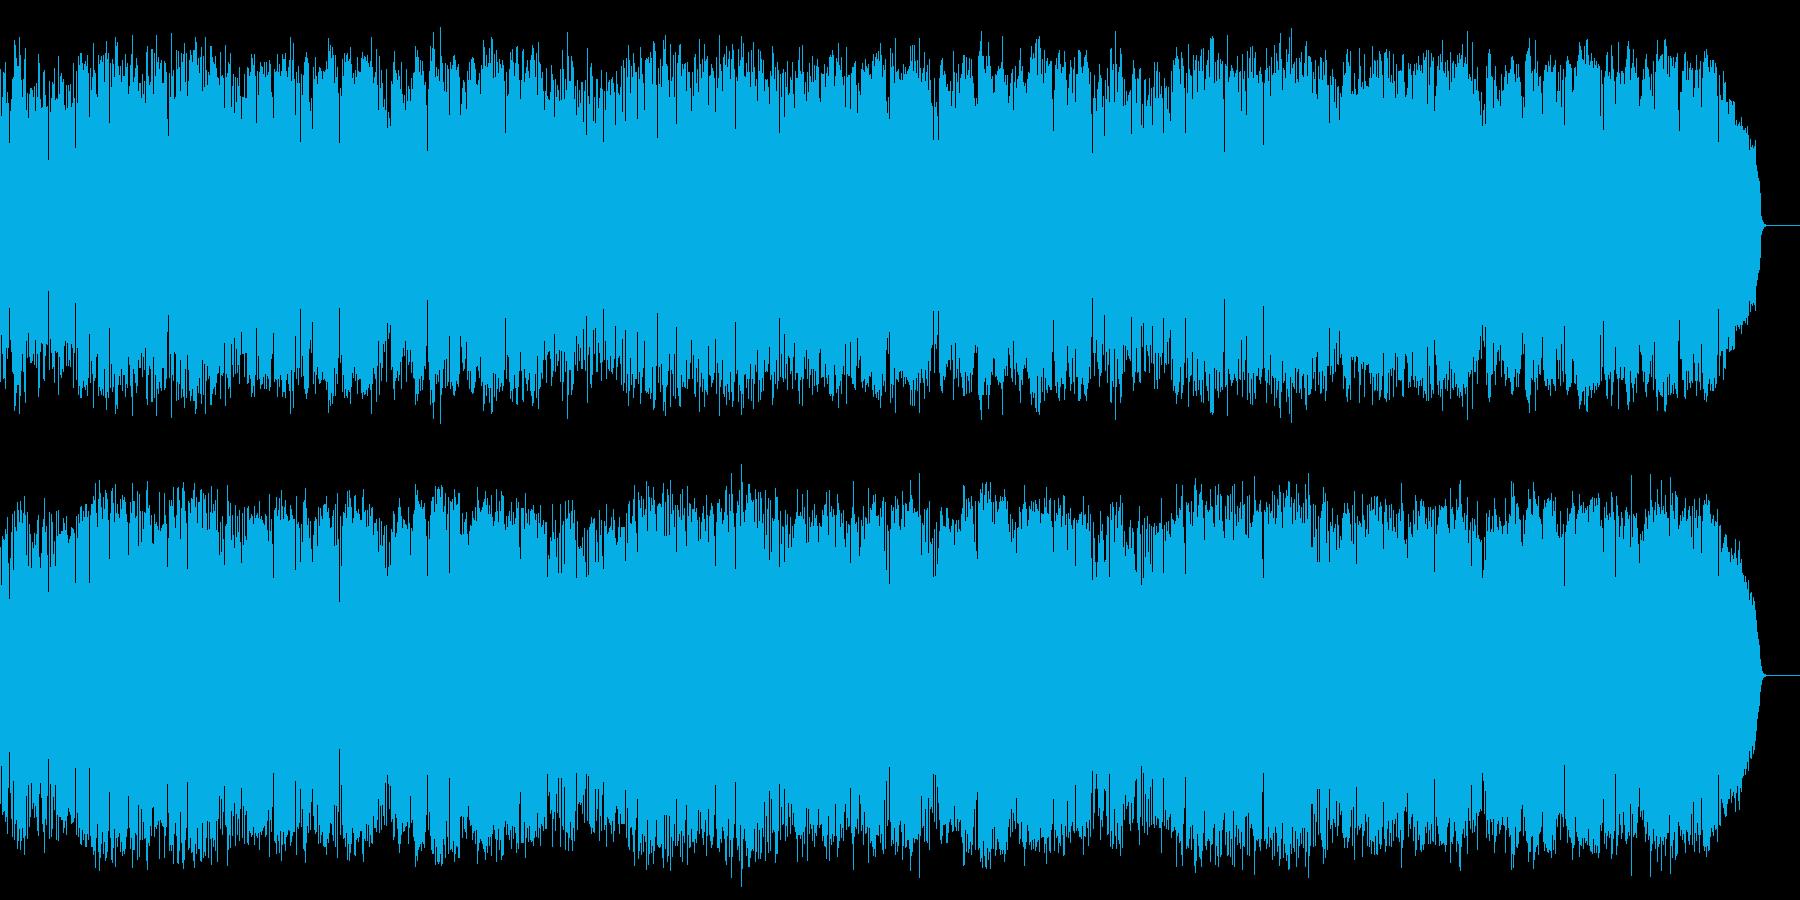 情熱的でメロディアスな8ビートの昭和歌謡の再生済みの波形